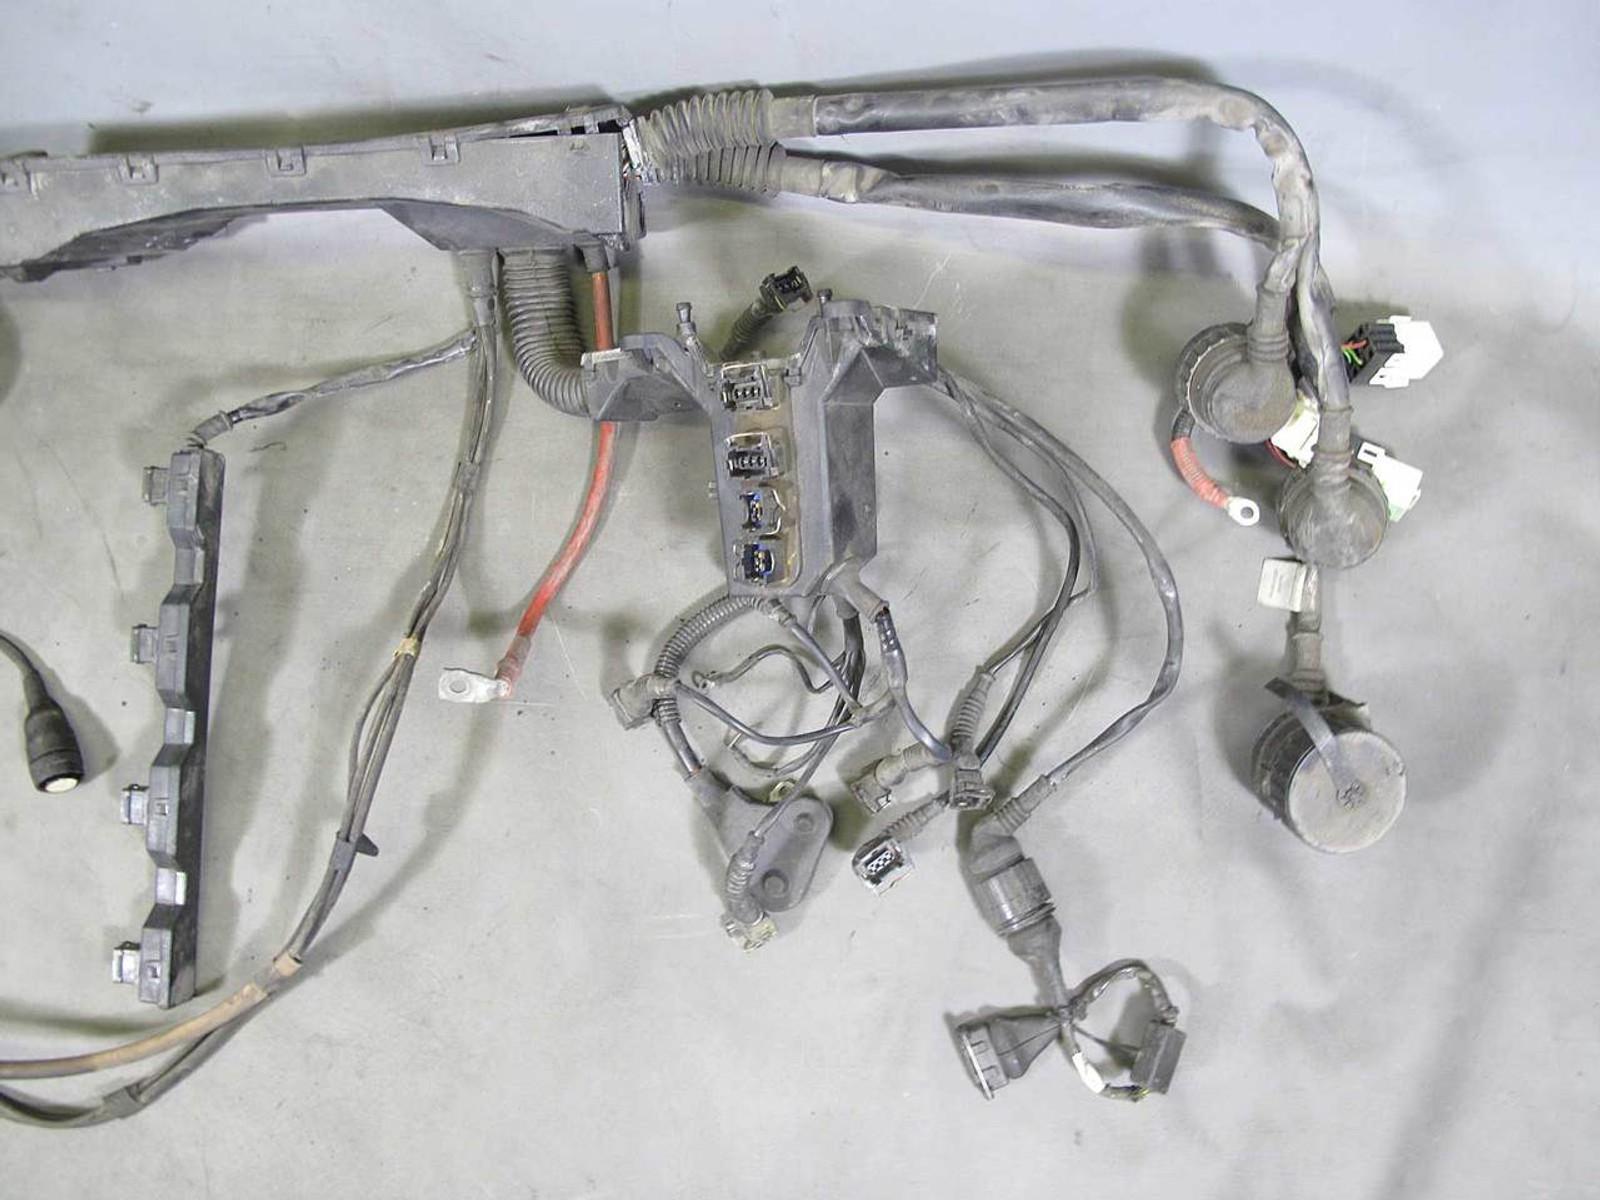 1995 Bmw 318i Wiring Diagram 1977 Dodge F30 Engine Wiring Schematics Bege Wiring Diagram